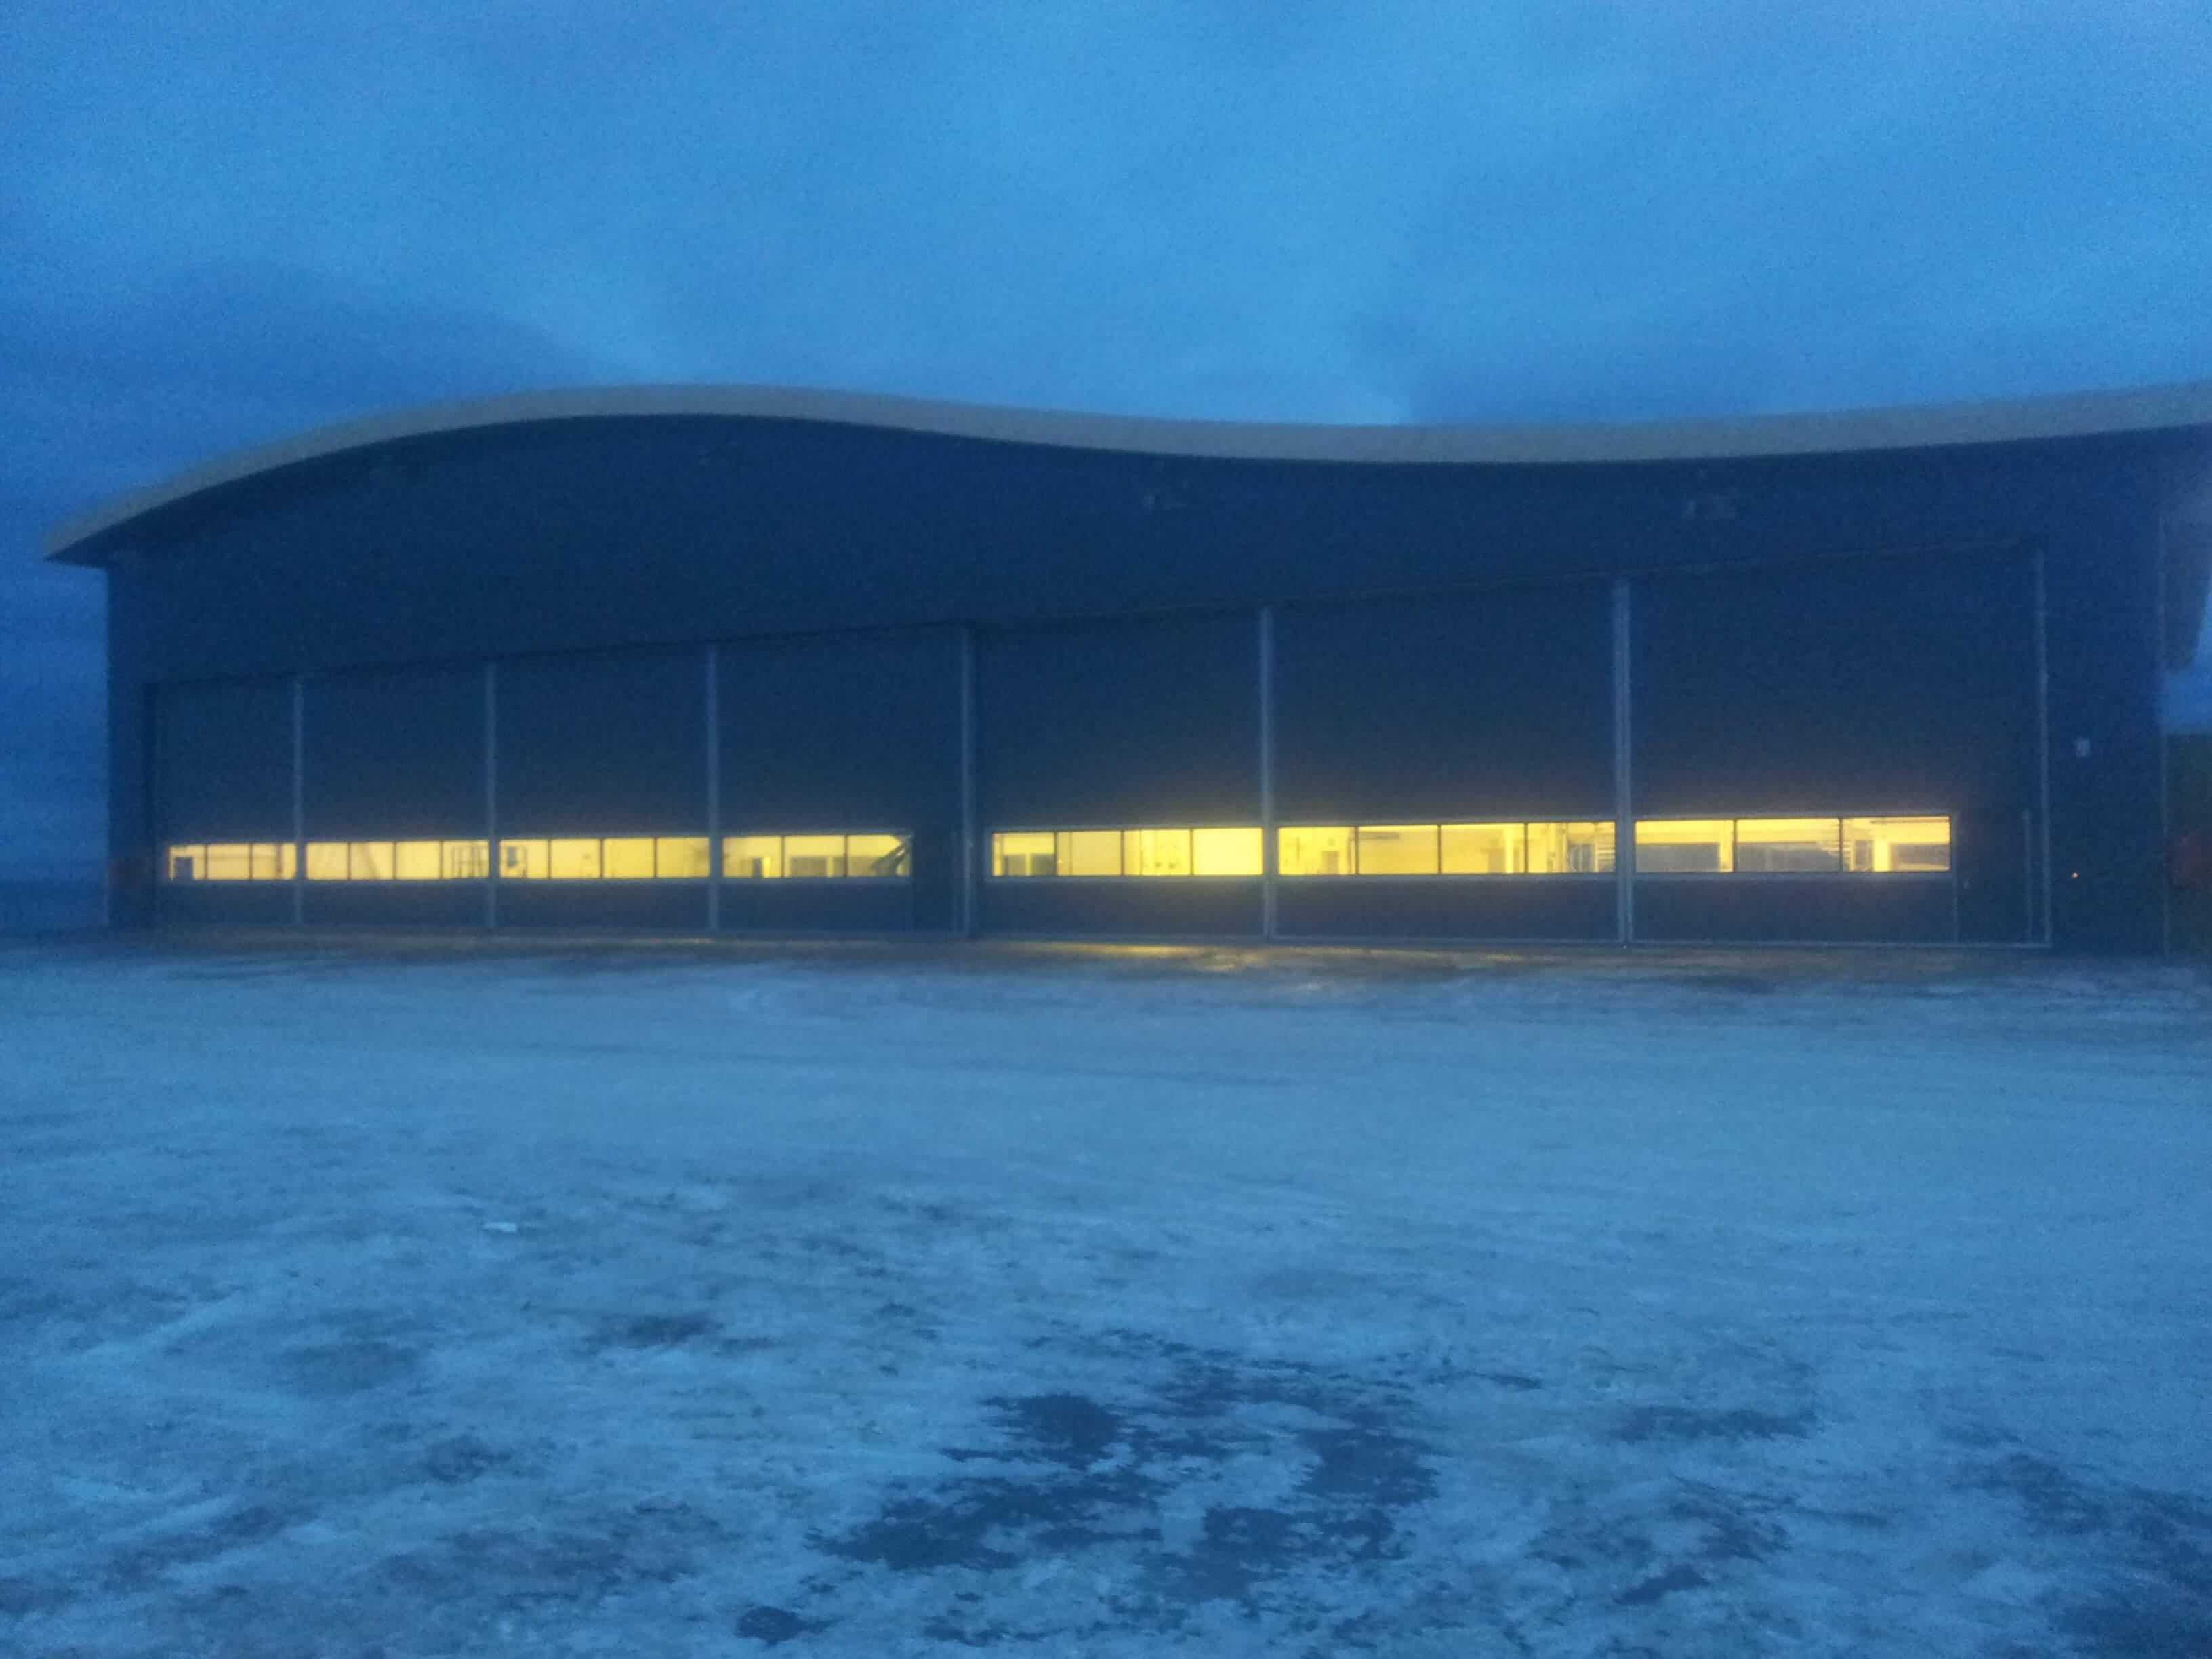 Hangarport